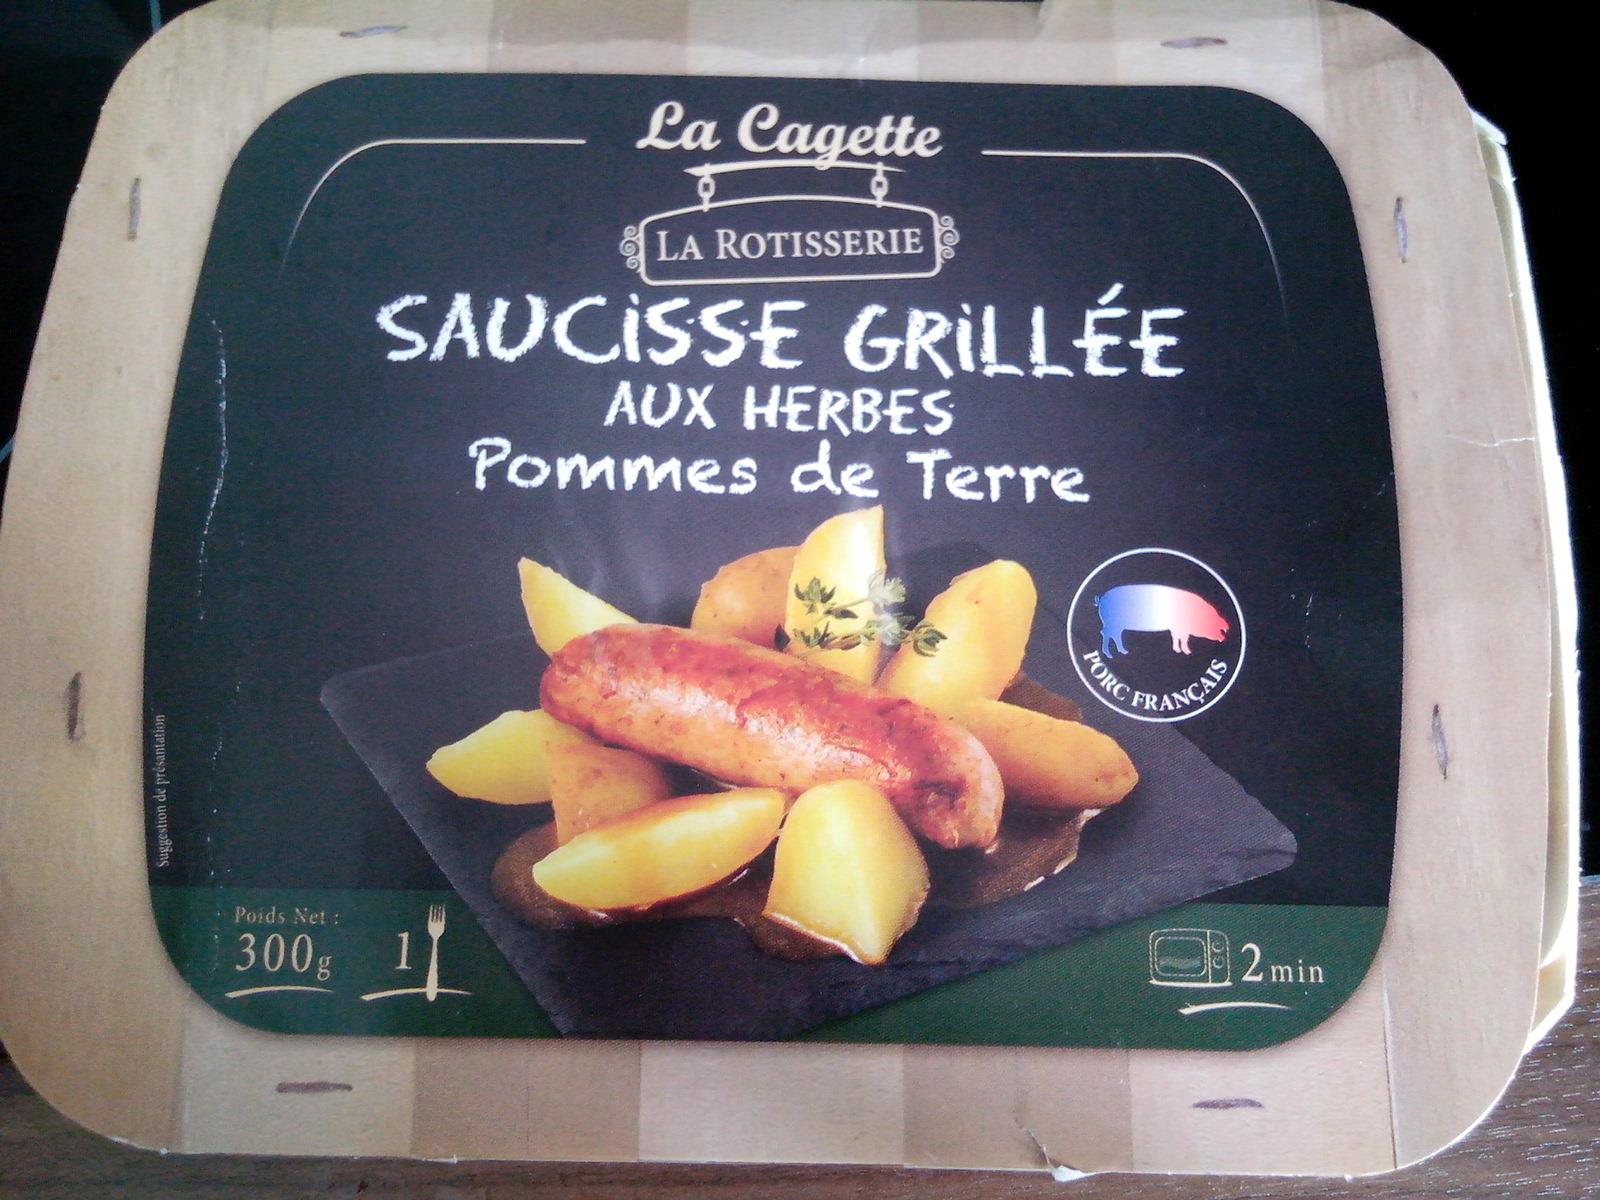 Saucisses grillées aux herbes pommes de terre - Product - fr